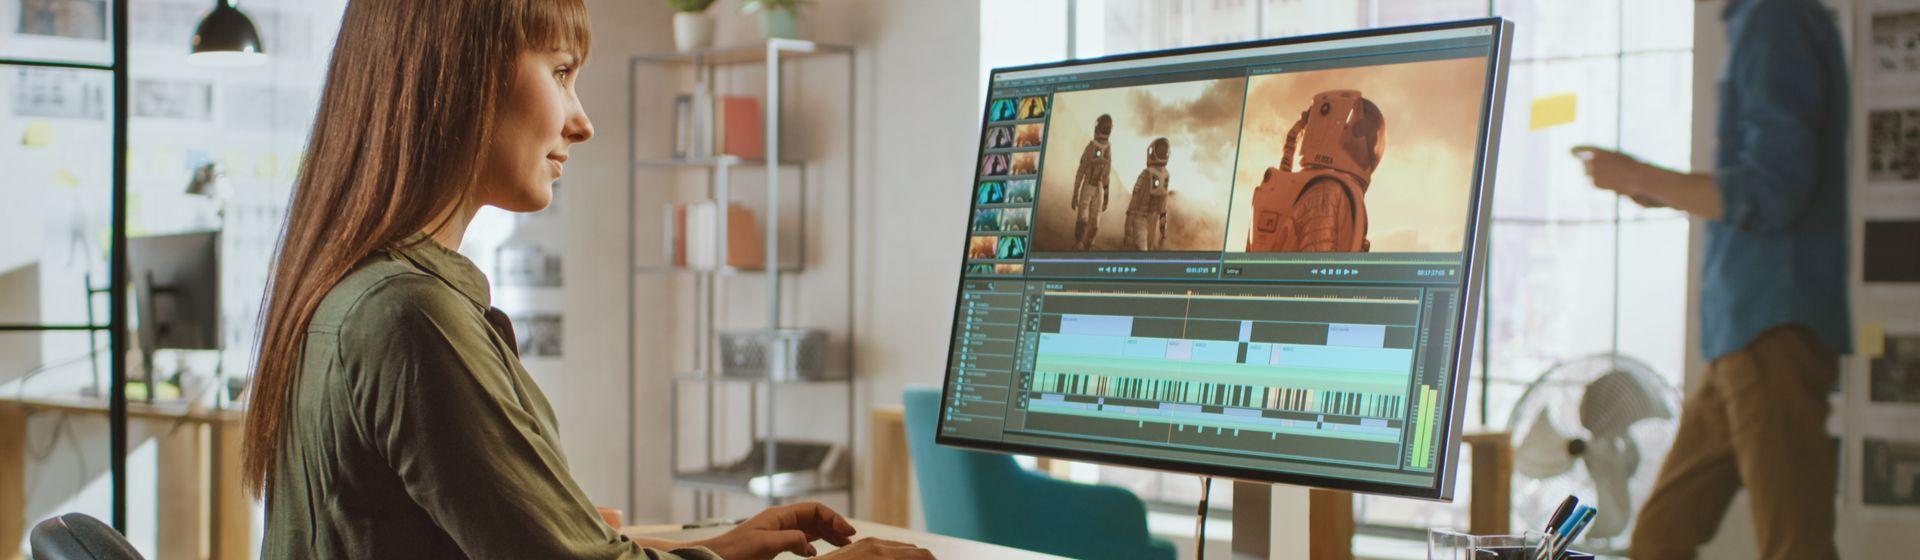 Melhor editor de vídeo grátis: conheça 6 opções boas e confiáveis